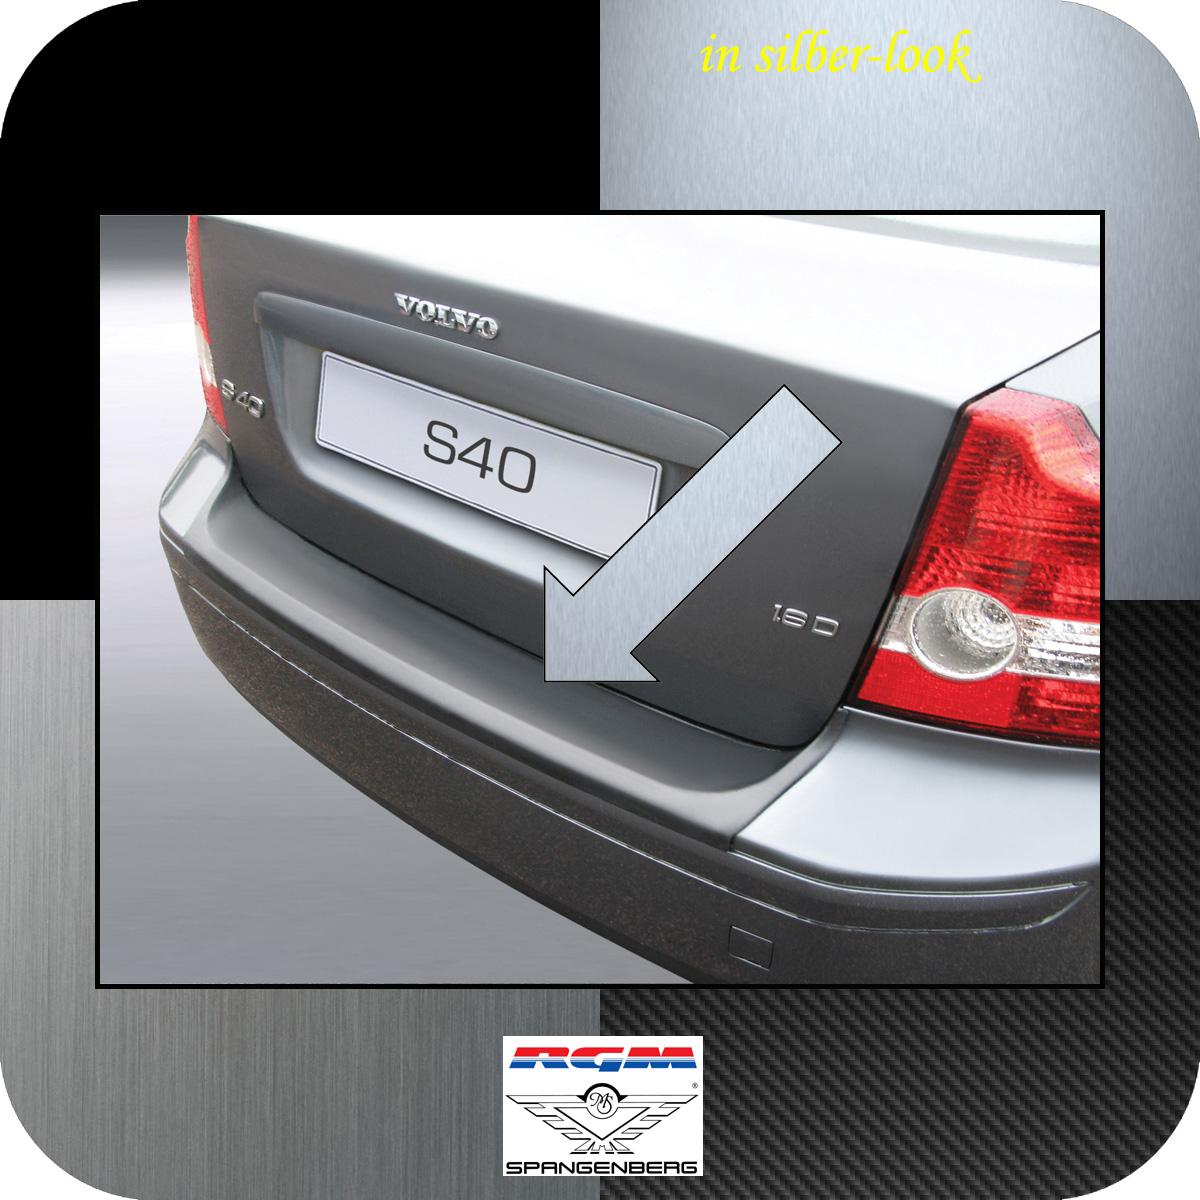 Ladekantenschutz Silber-Look Volvo S40 II Limousine vor Mopf 2004-2007 3506417